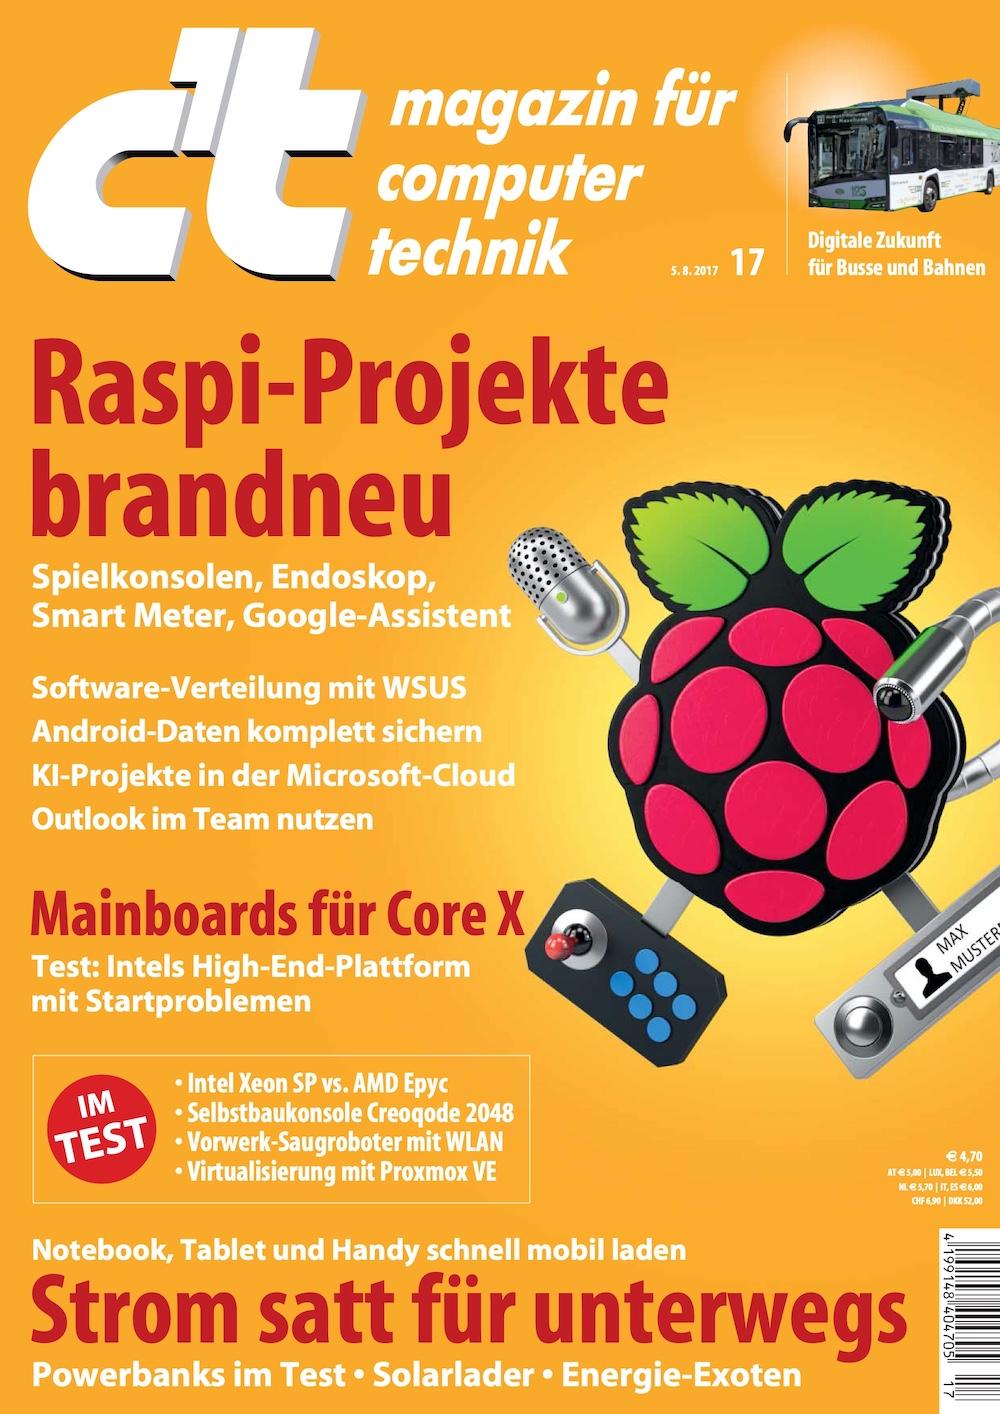 c't Magazin 2017-17